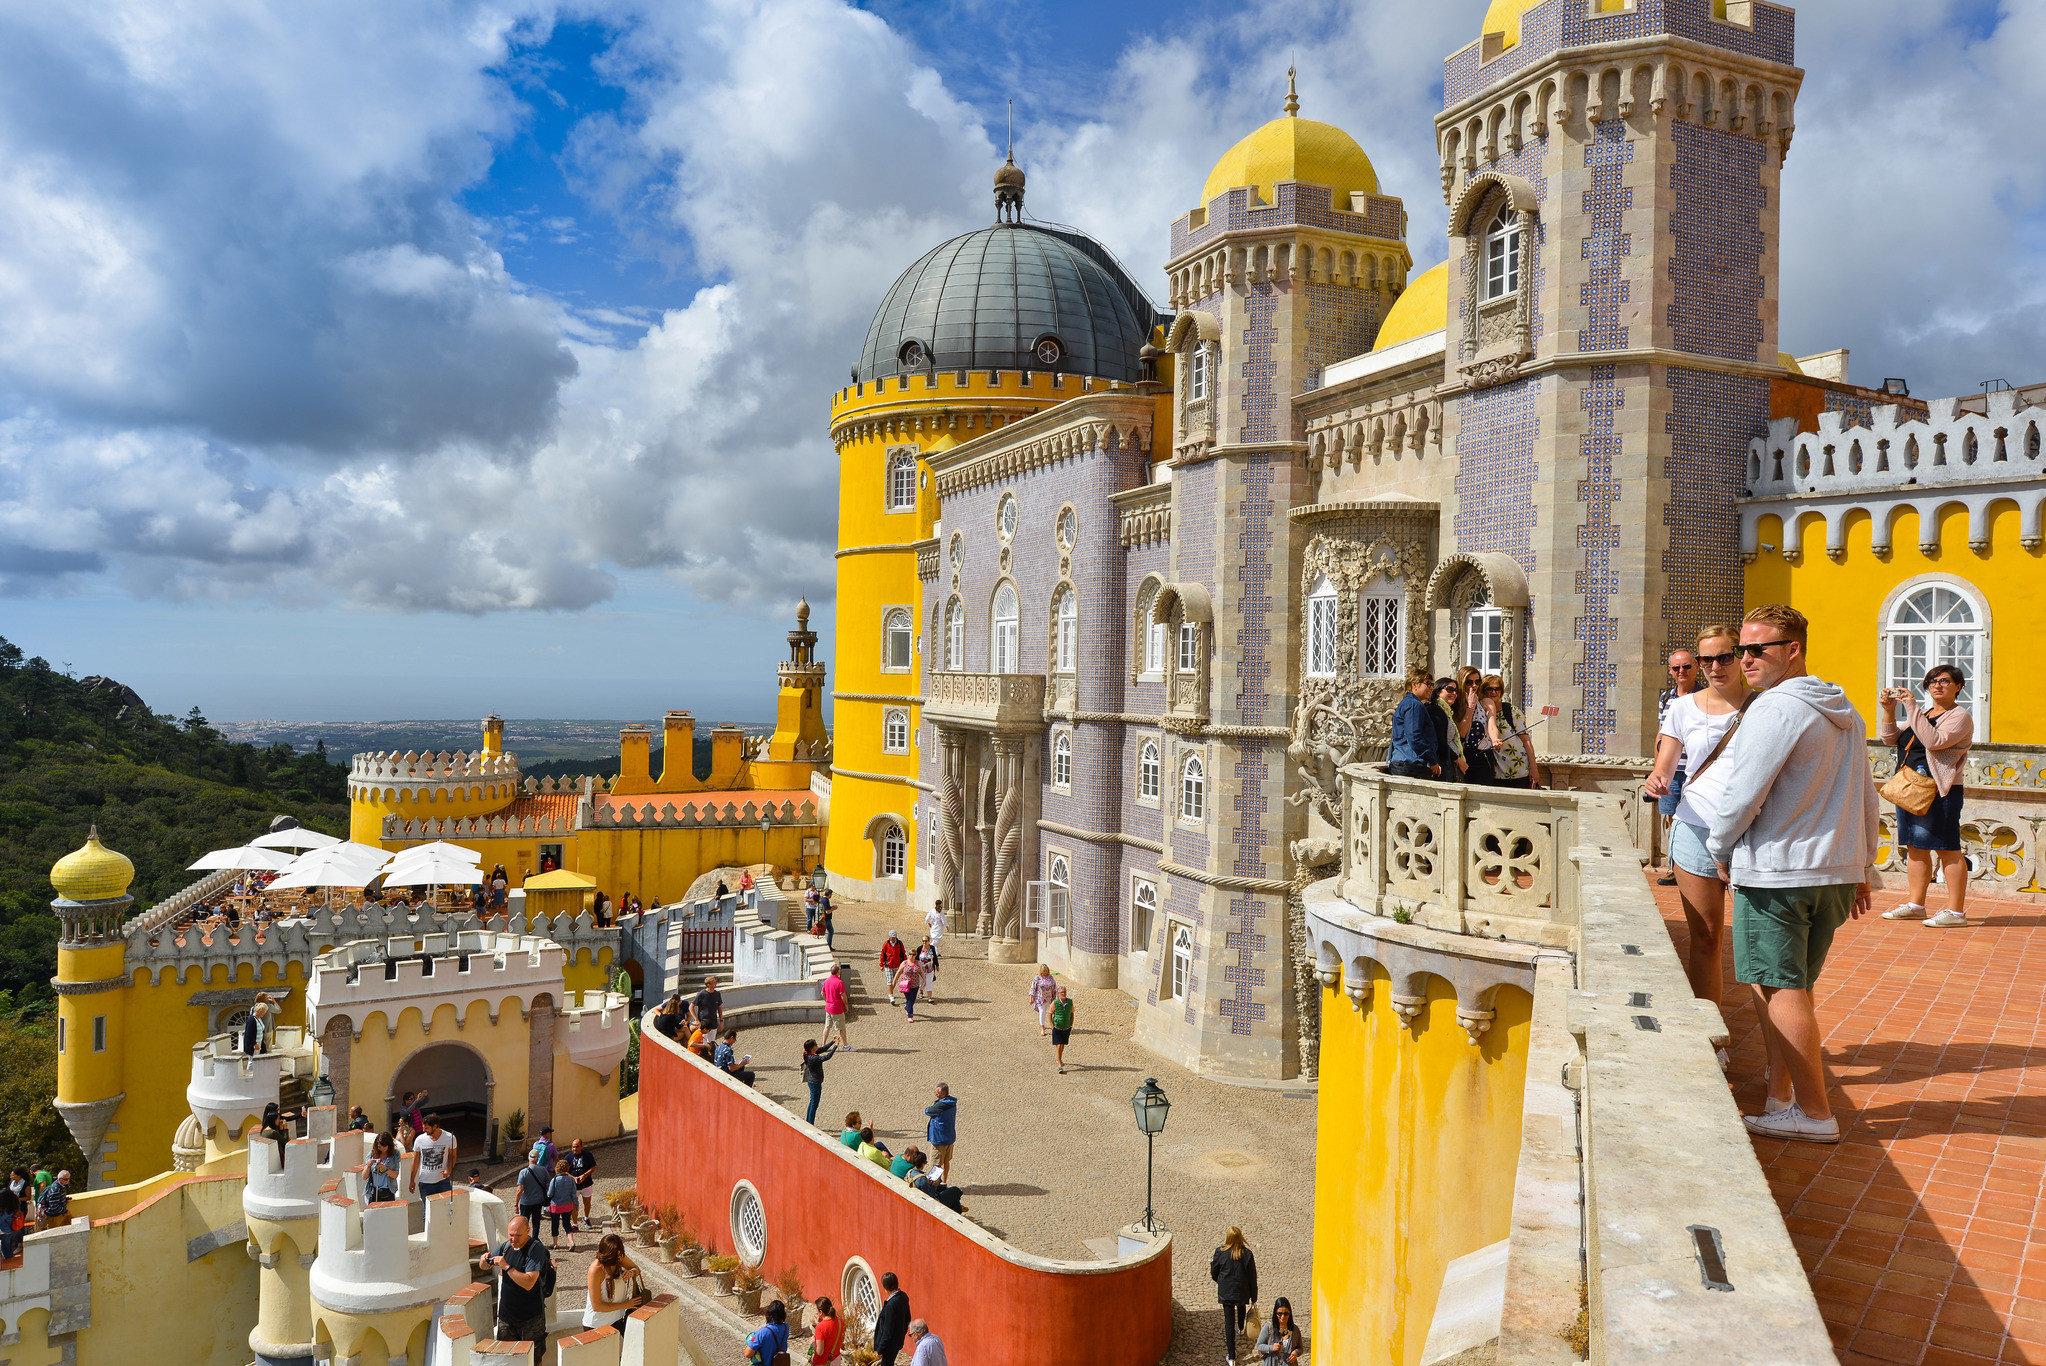 Trip Ideas sky outdoor landmark Town amusement park tourism place of worship temple shrine park